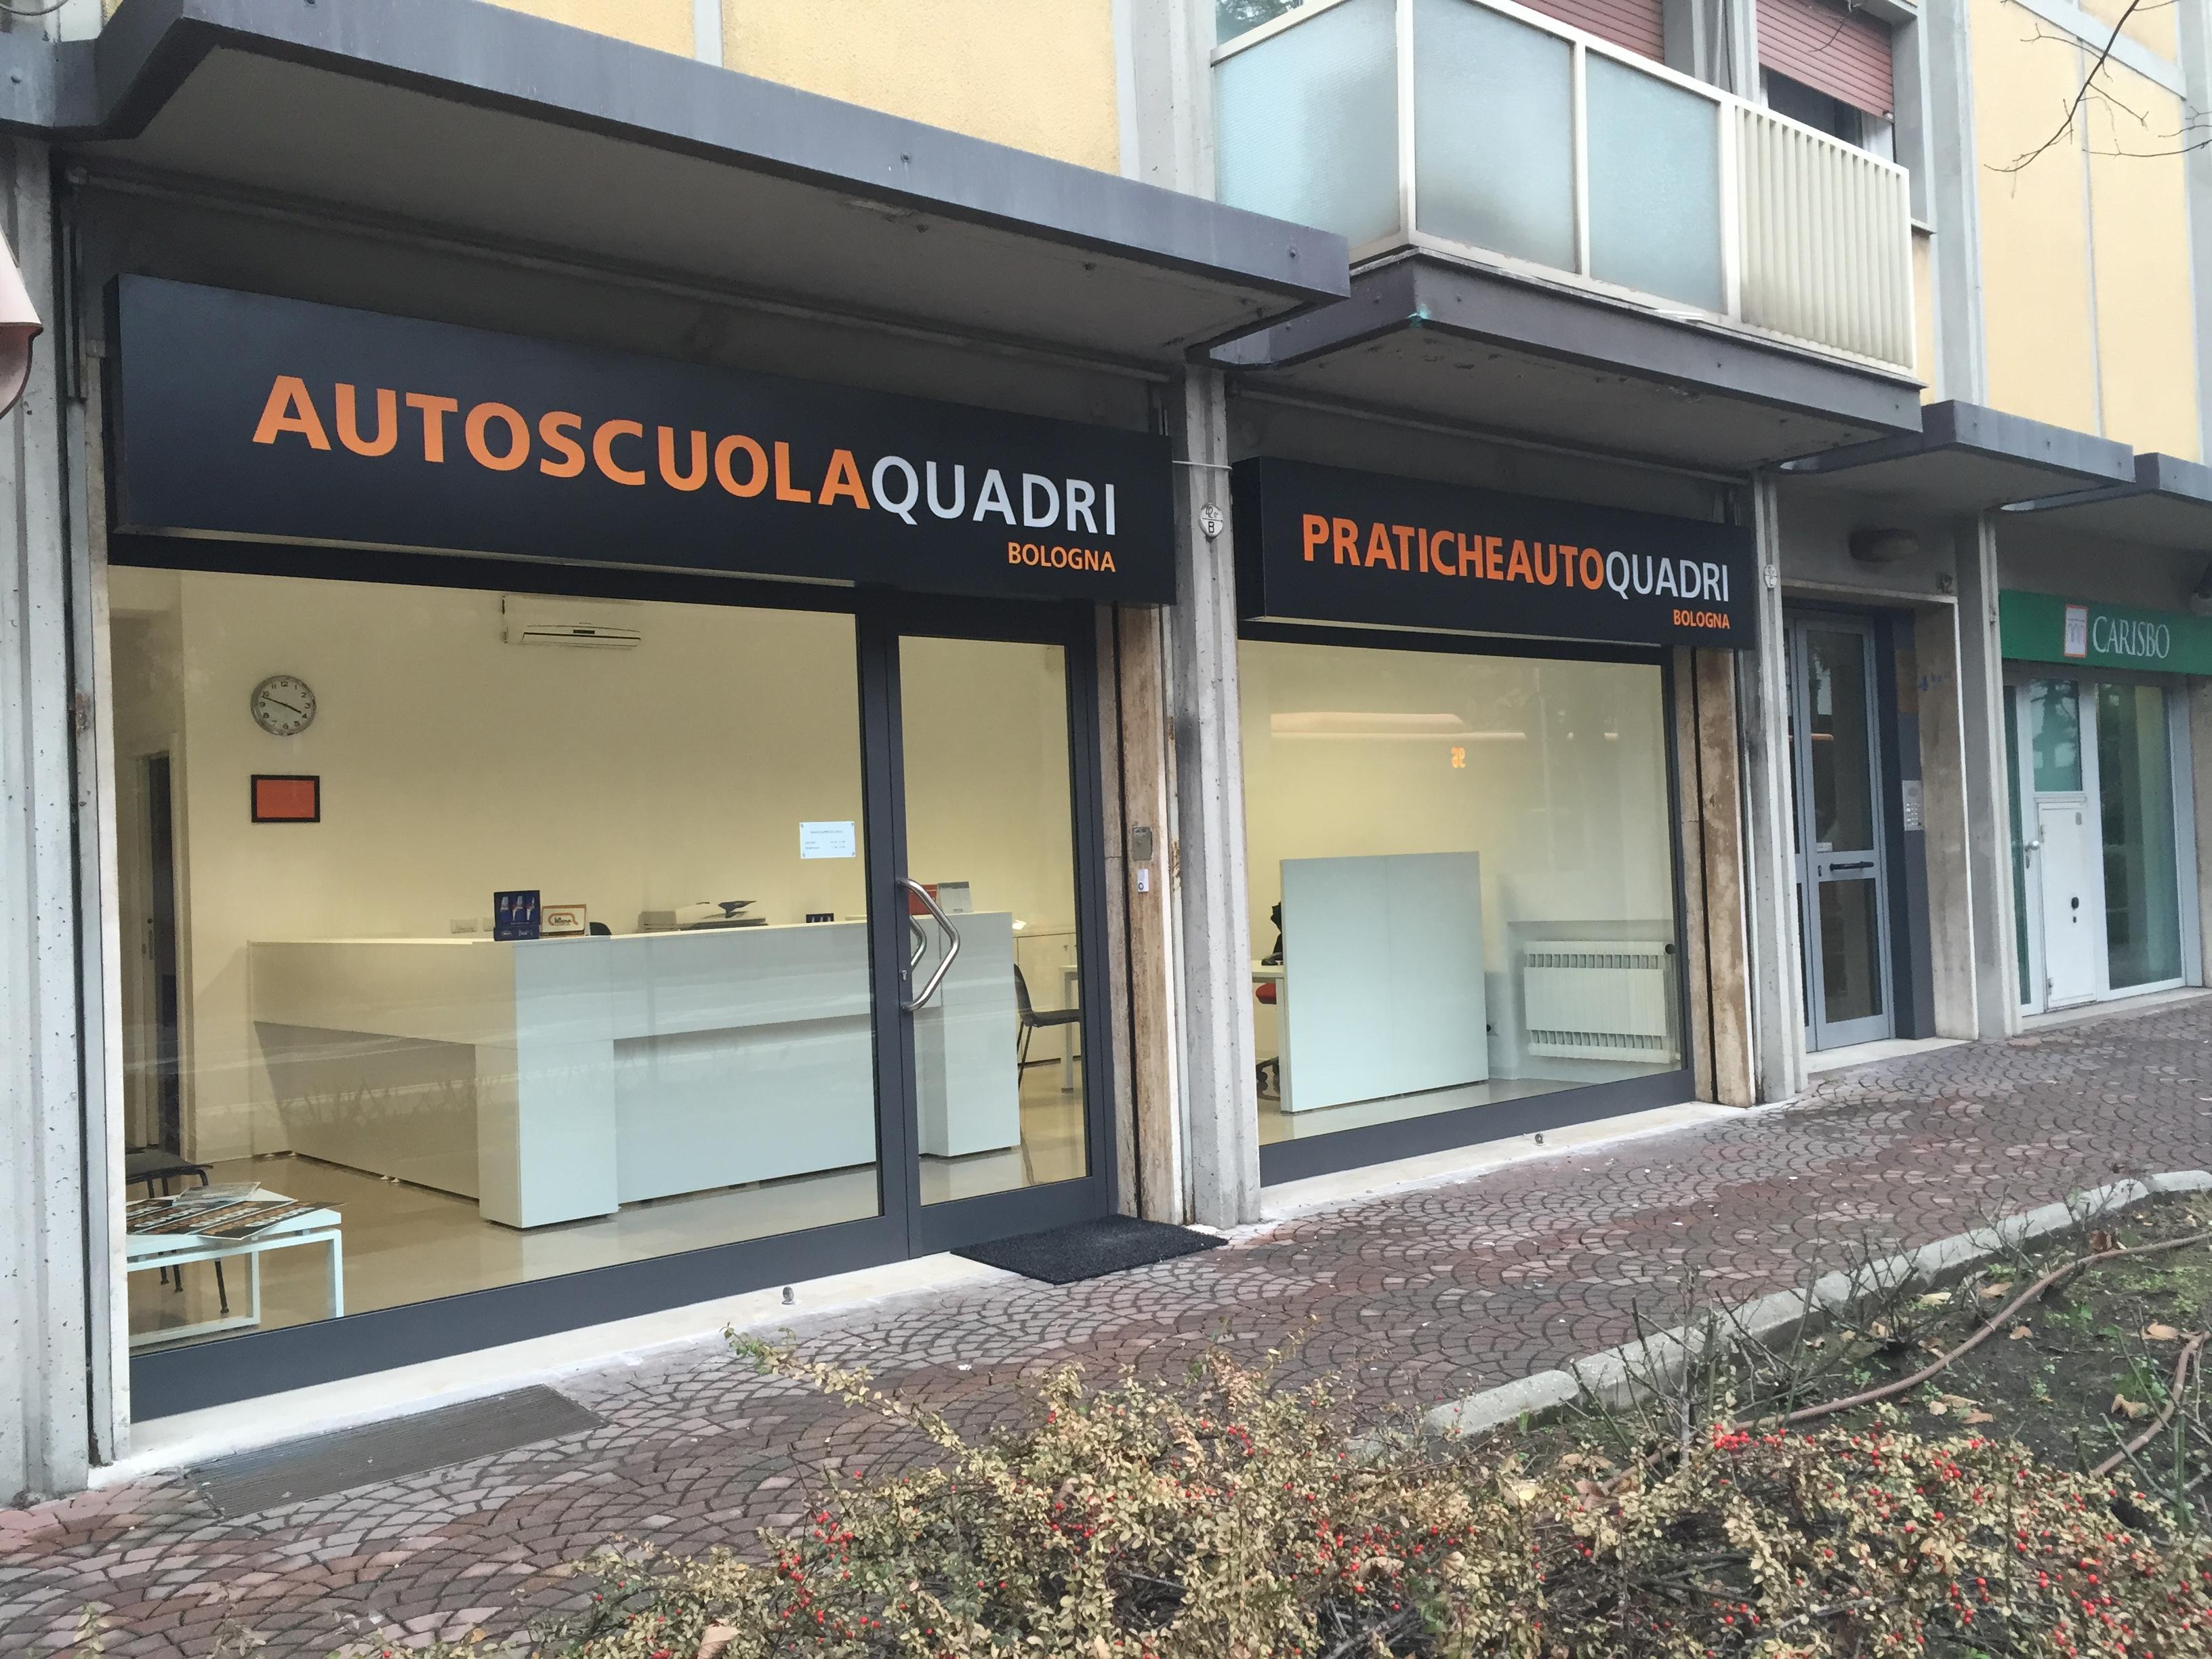 AUTOSCUOLA PRATICHE AUTO QUADRI BOLOGNA